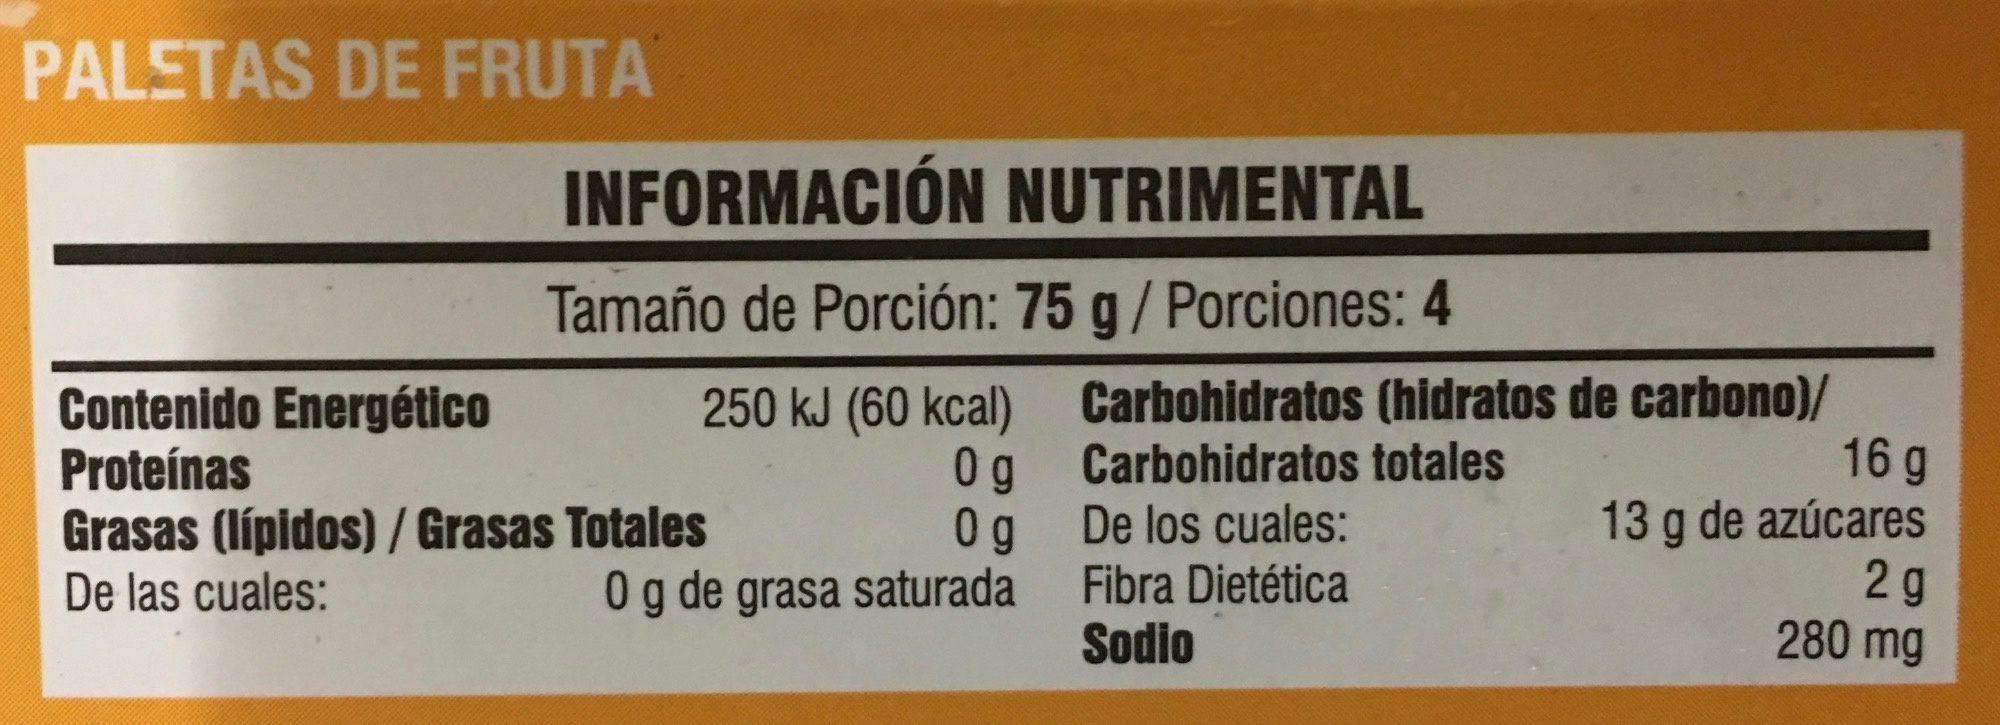 Paleta helada de mango con tajin - Informations nutritionnelles - es